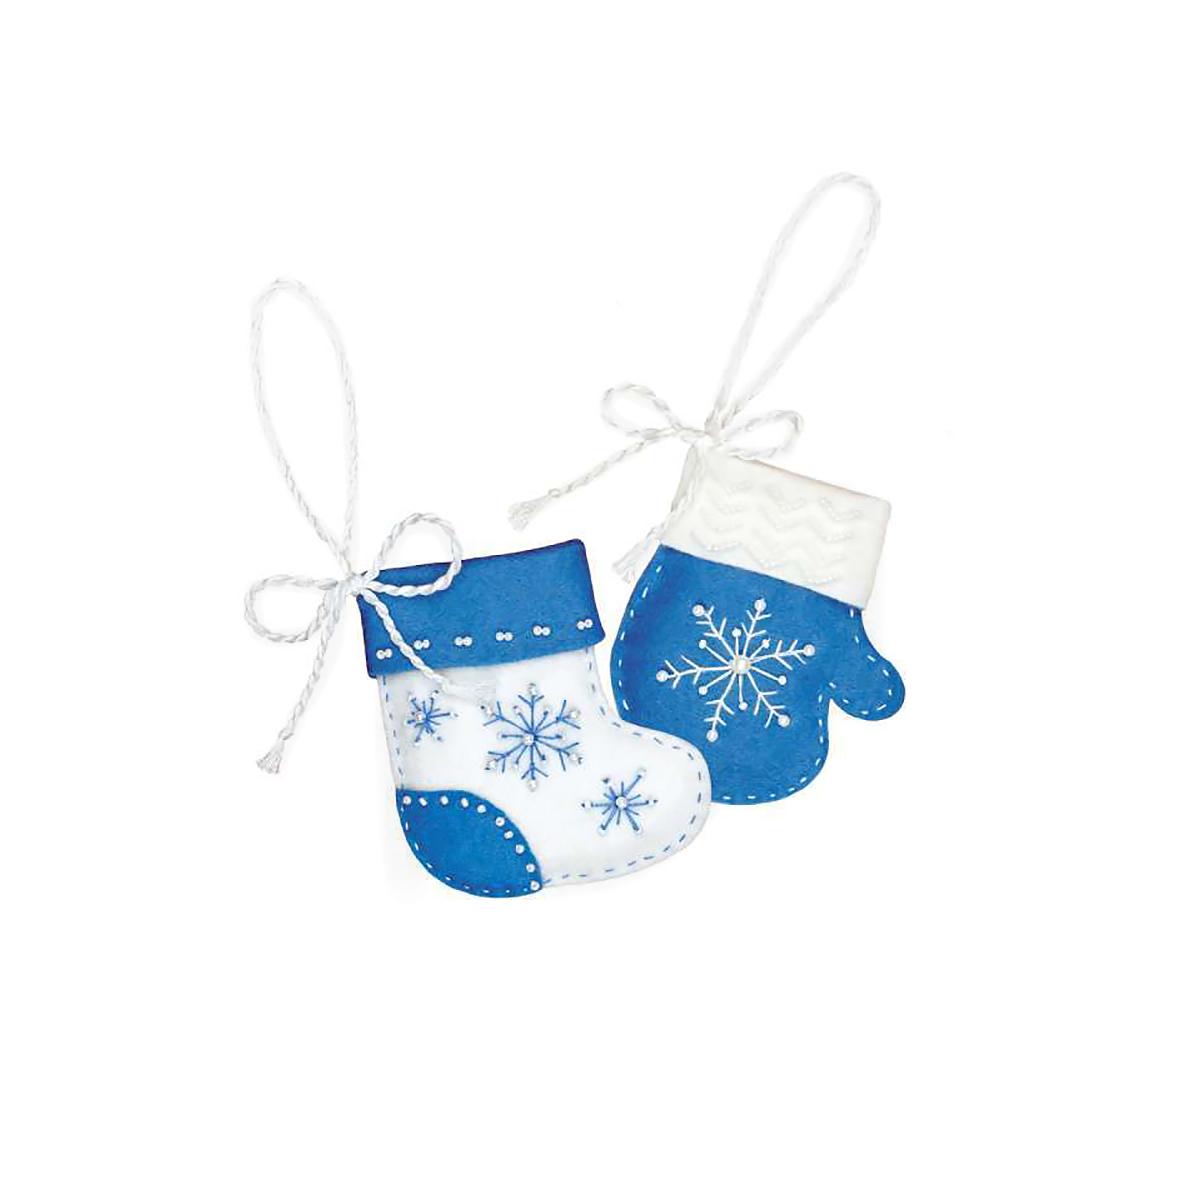 1378АС Набор для рукоделия Riolis новогодние игрушки 'Метелица', 8*9 см